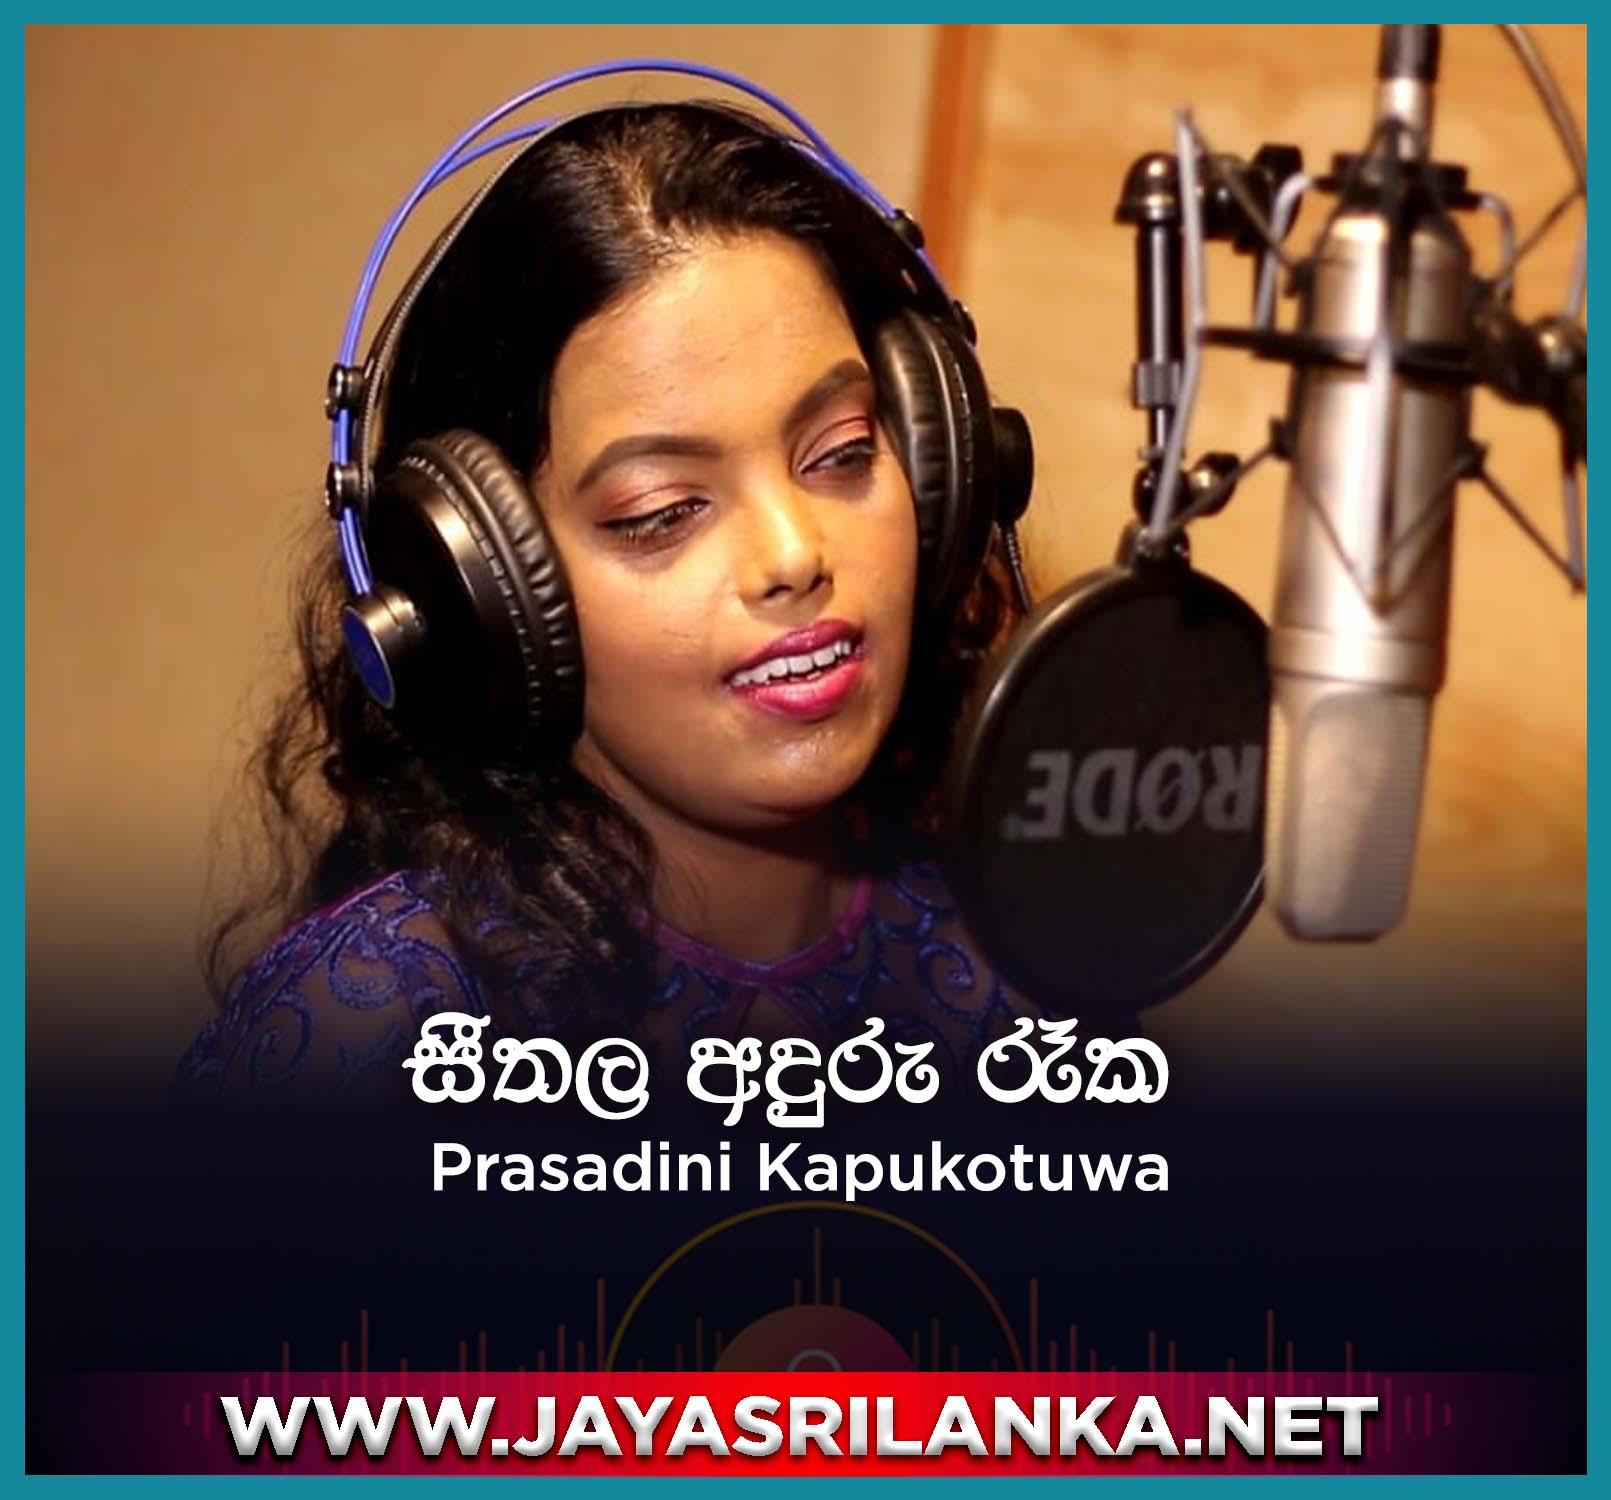 Seethala Aduru Reka